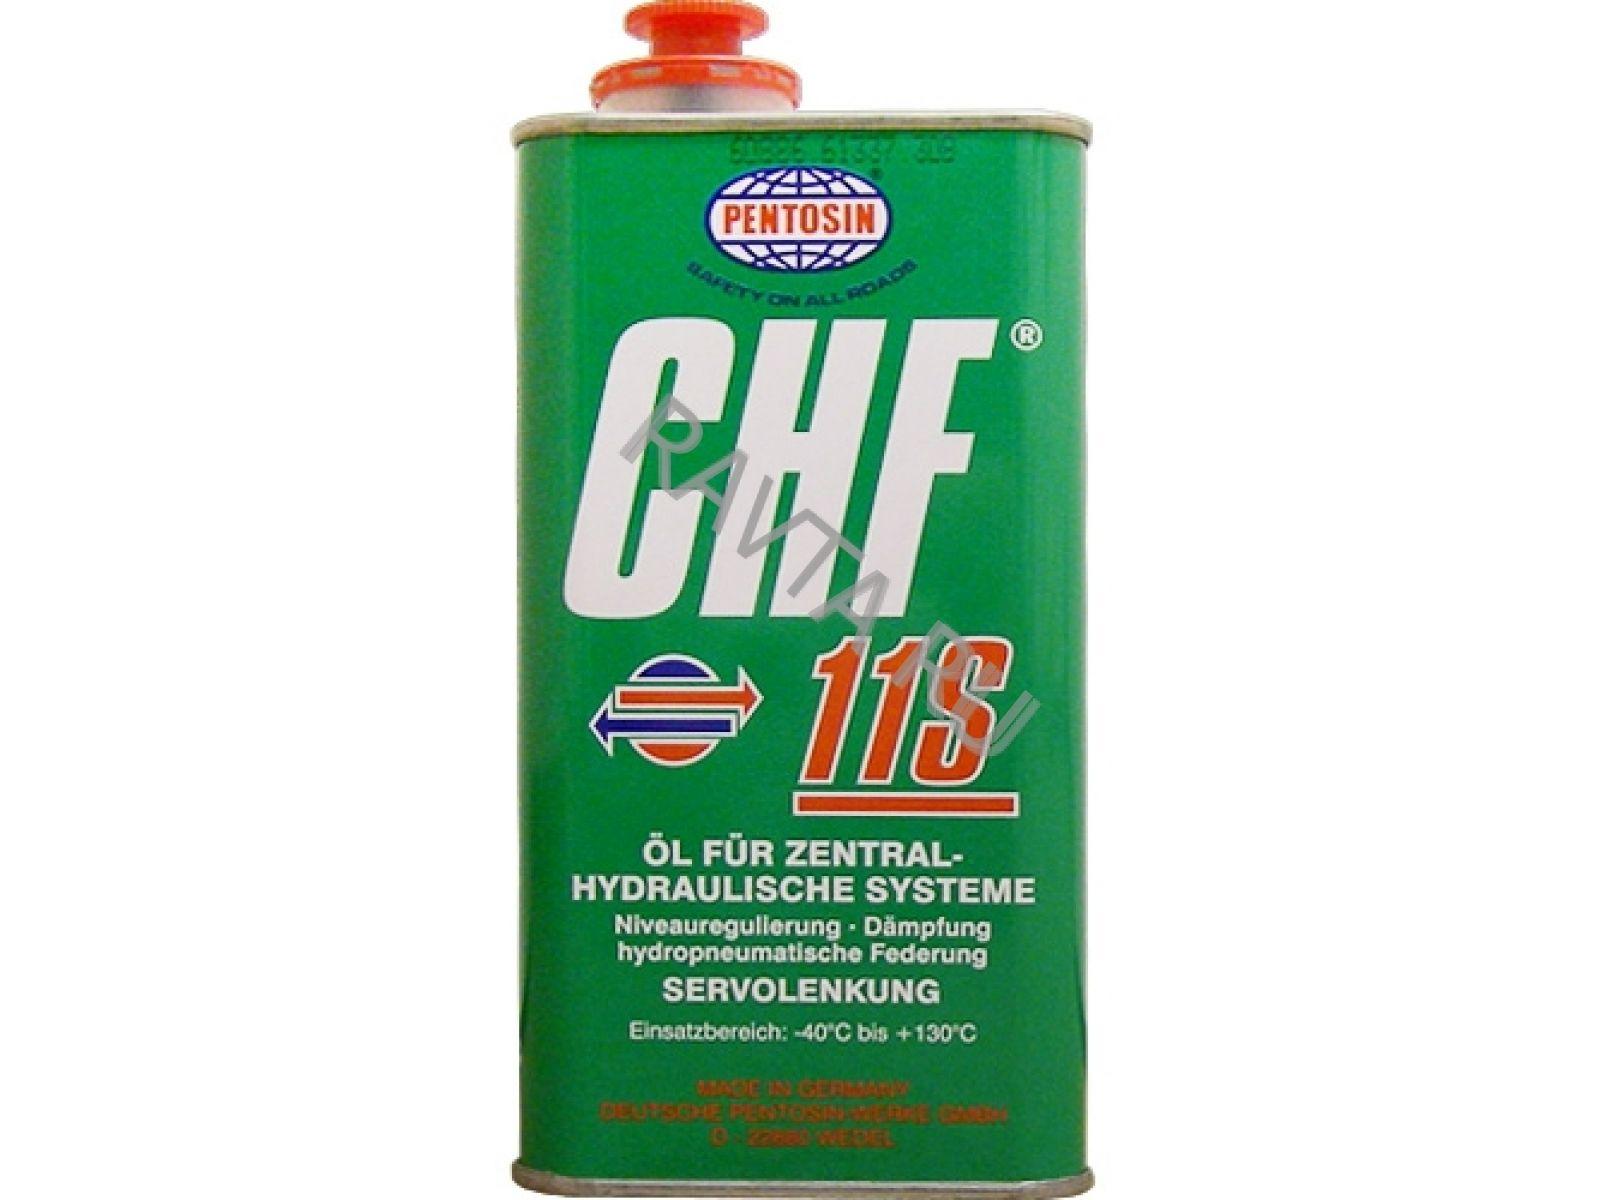 Жидкость Pentosin CHF 11S (1л) от Ravta